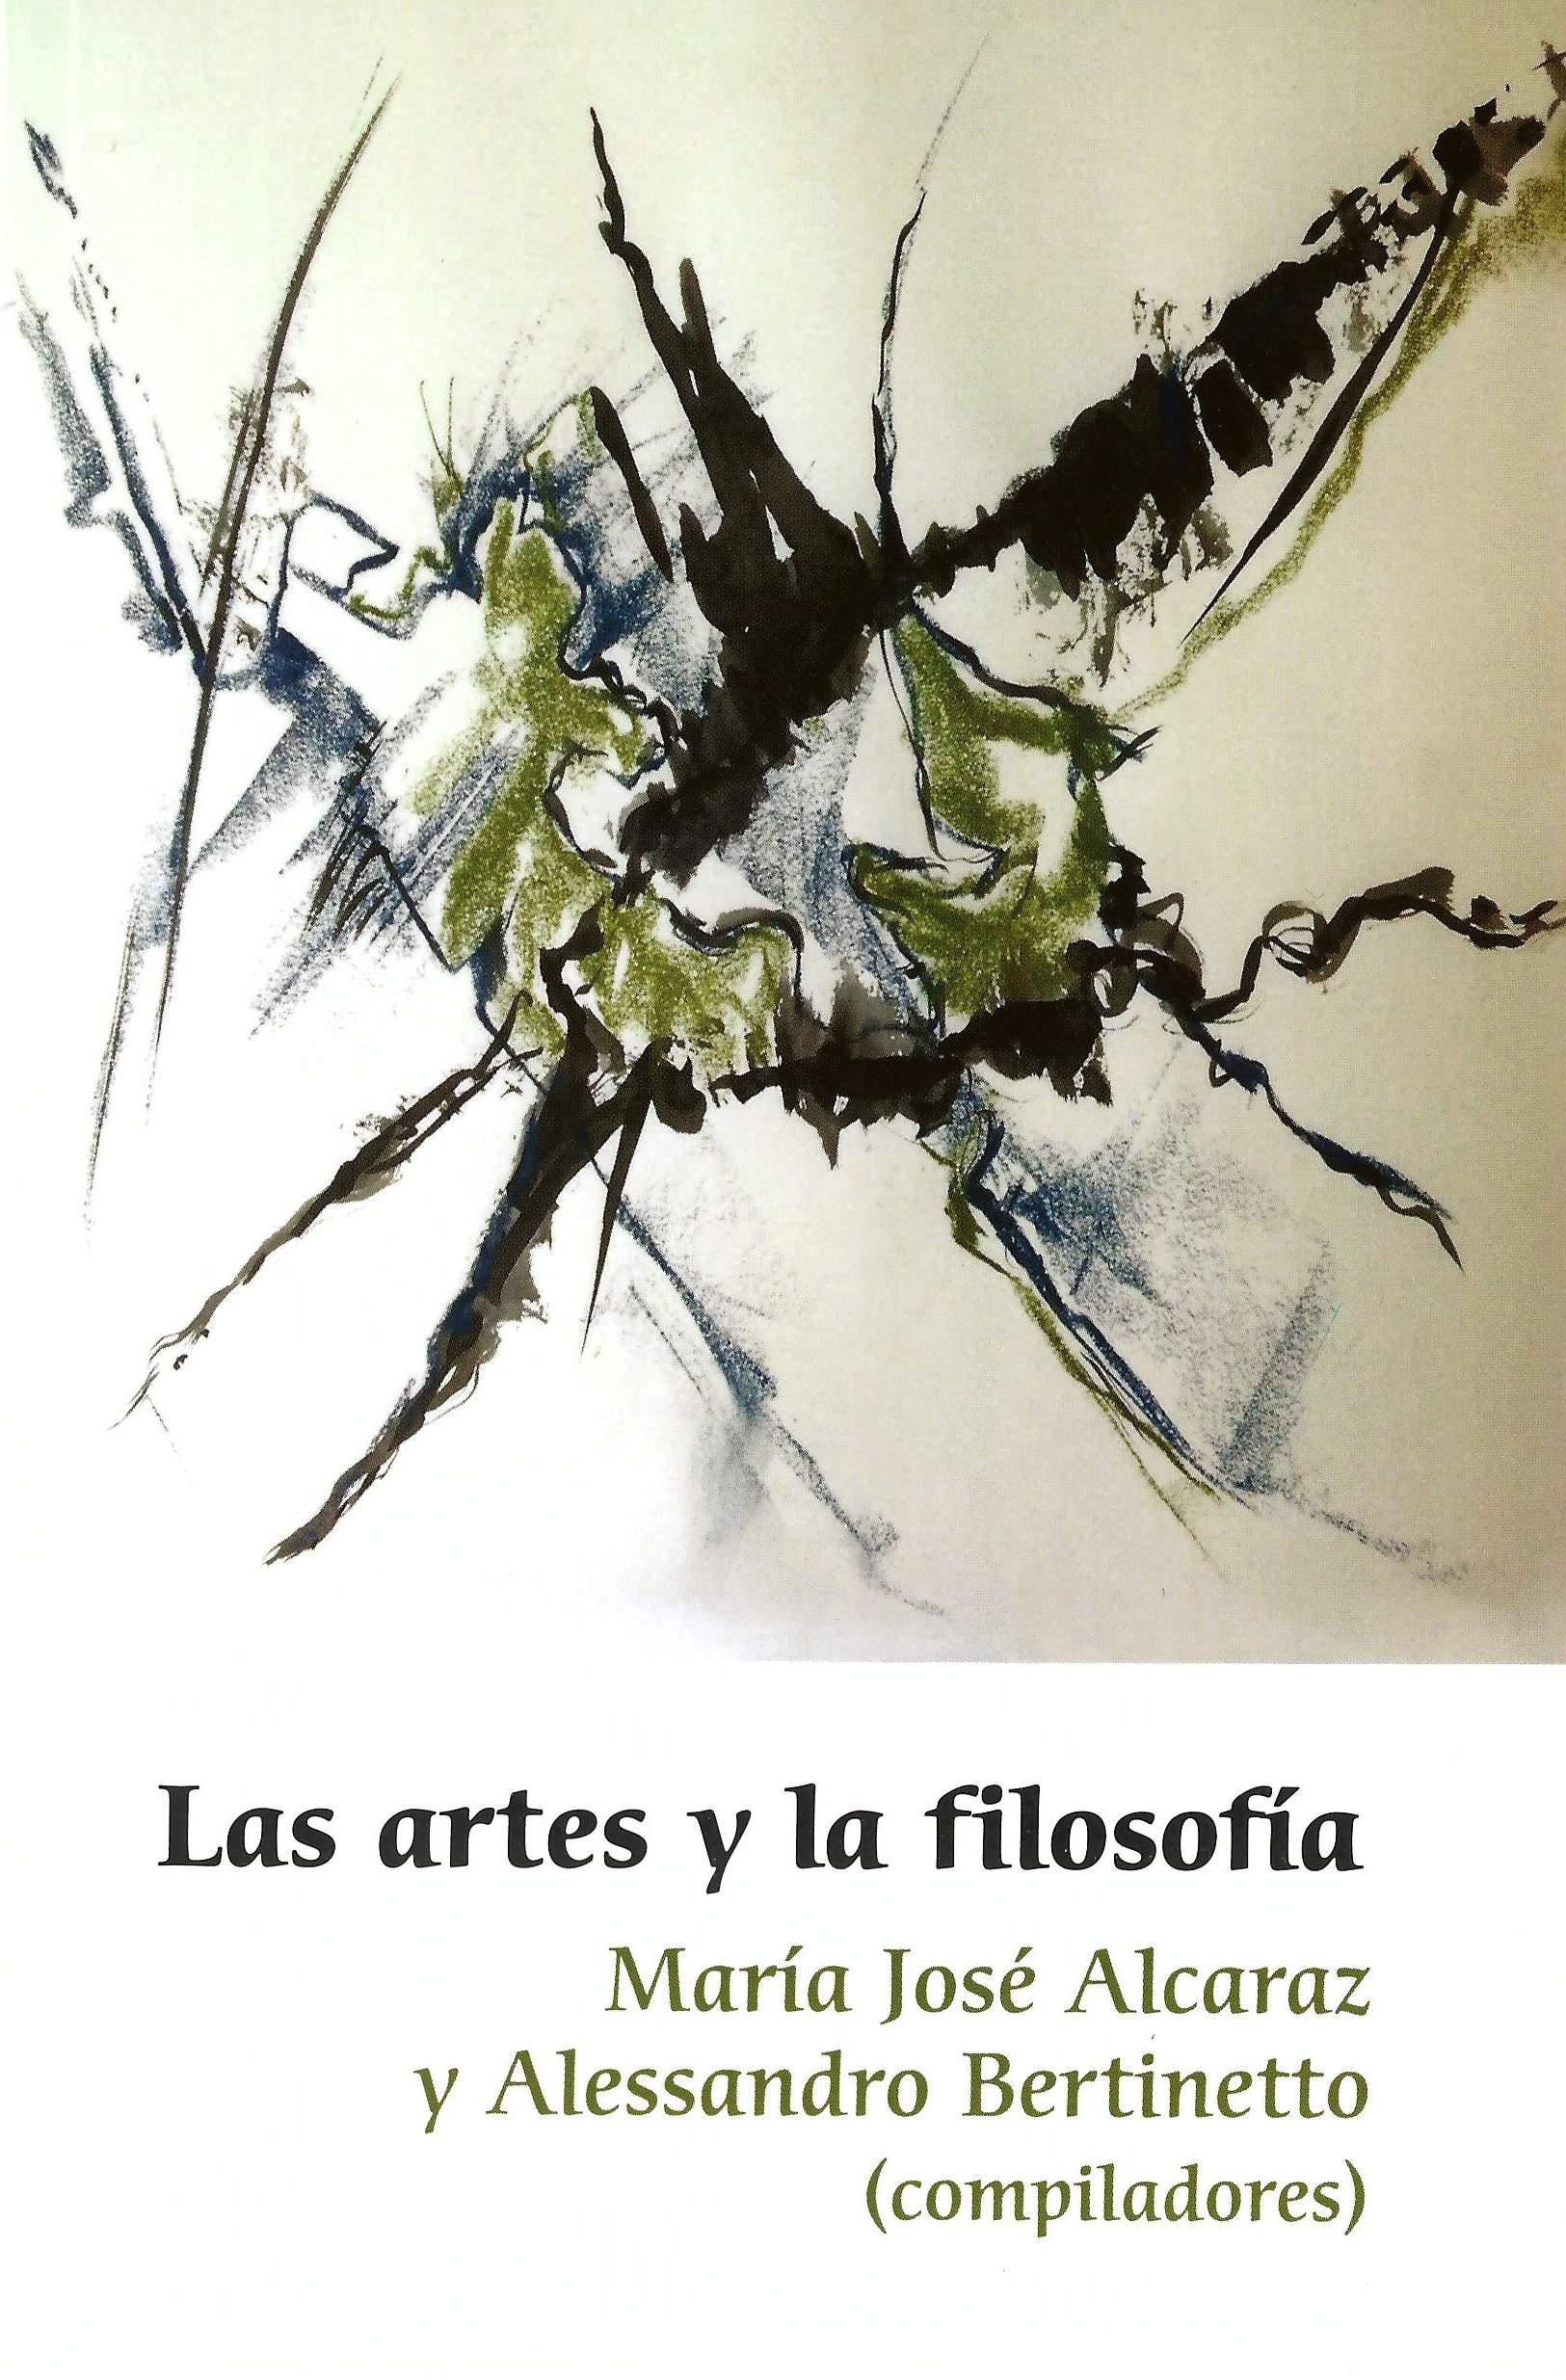 Las artes y la filosofía